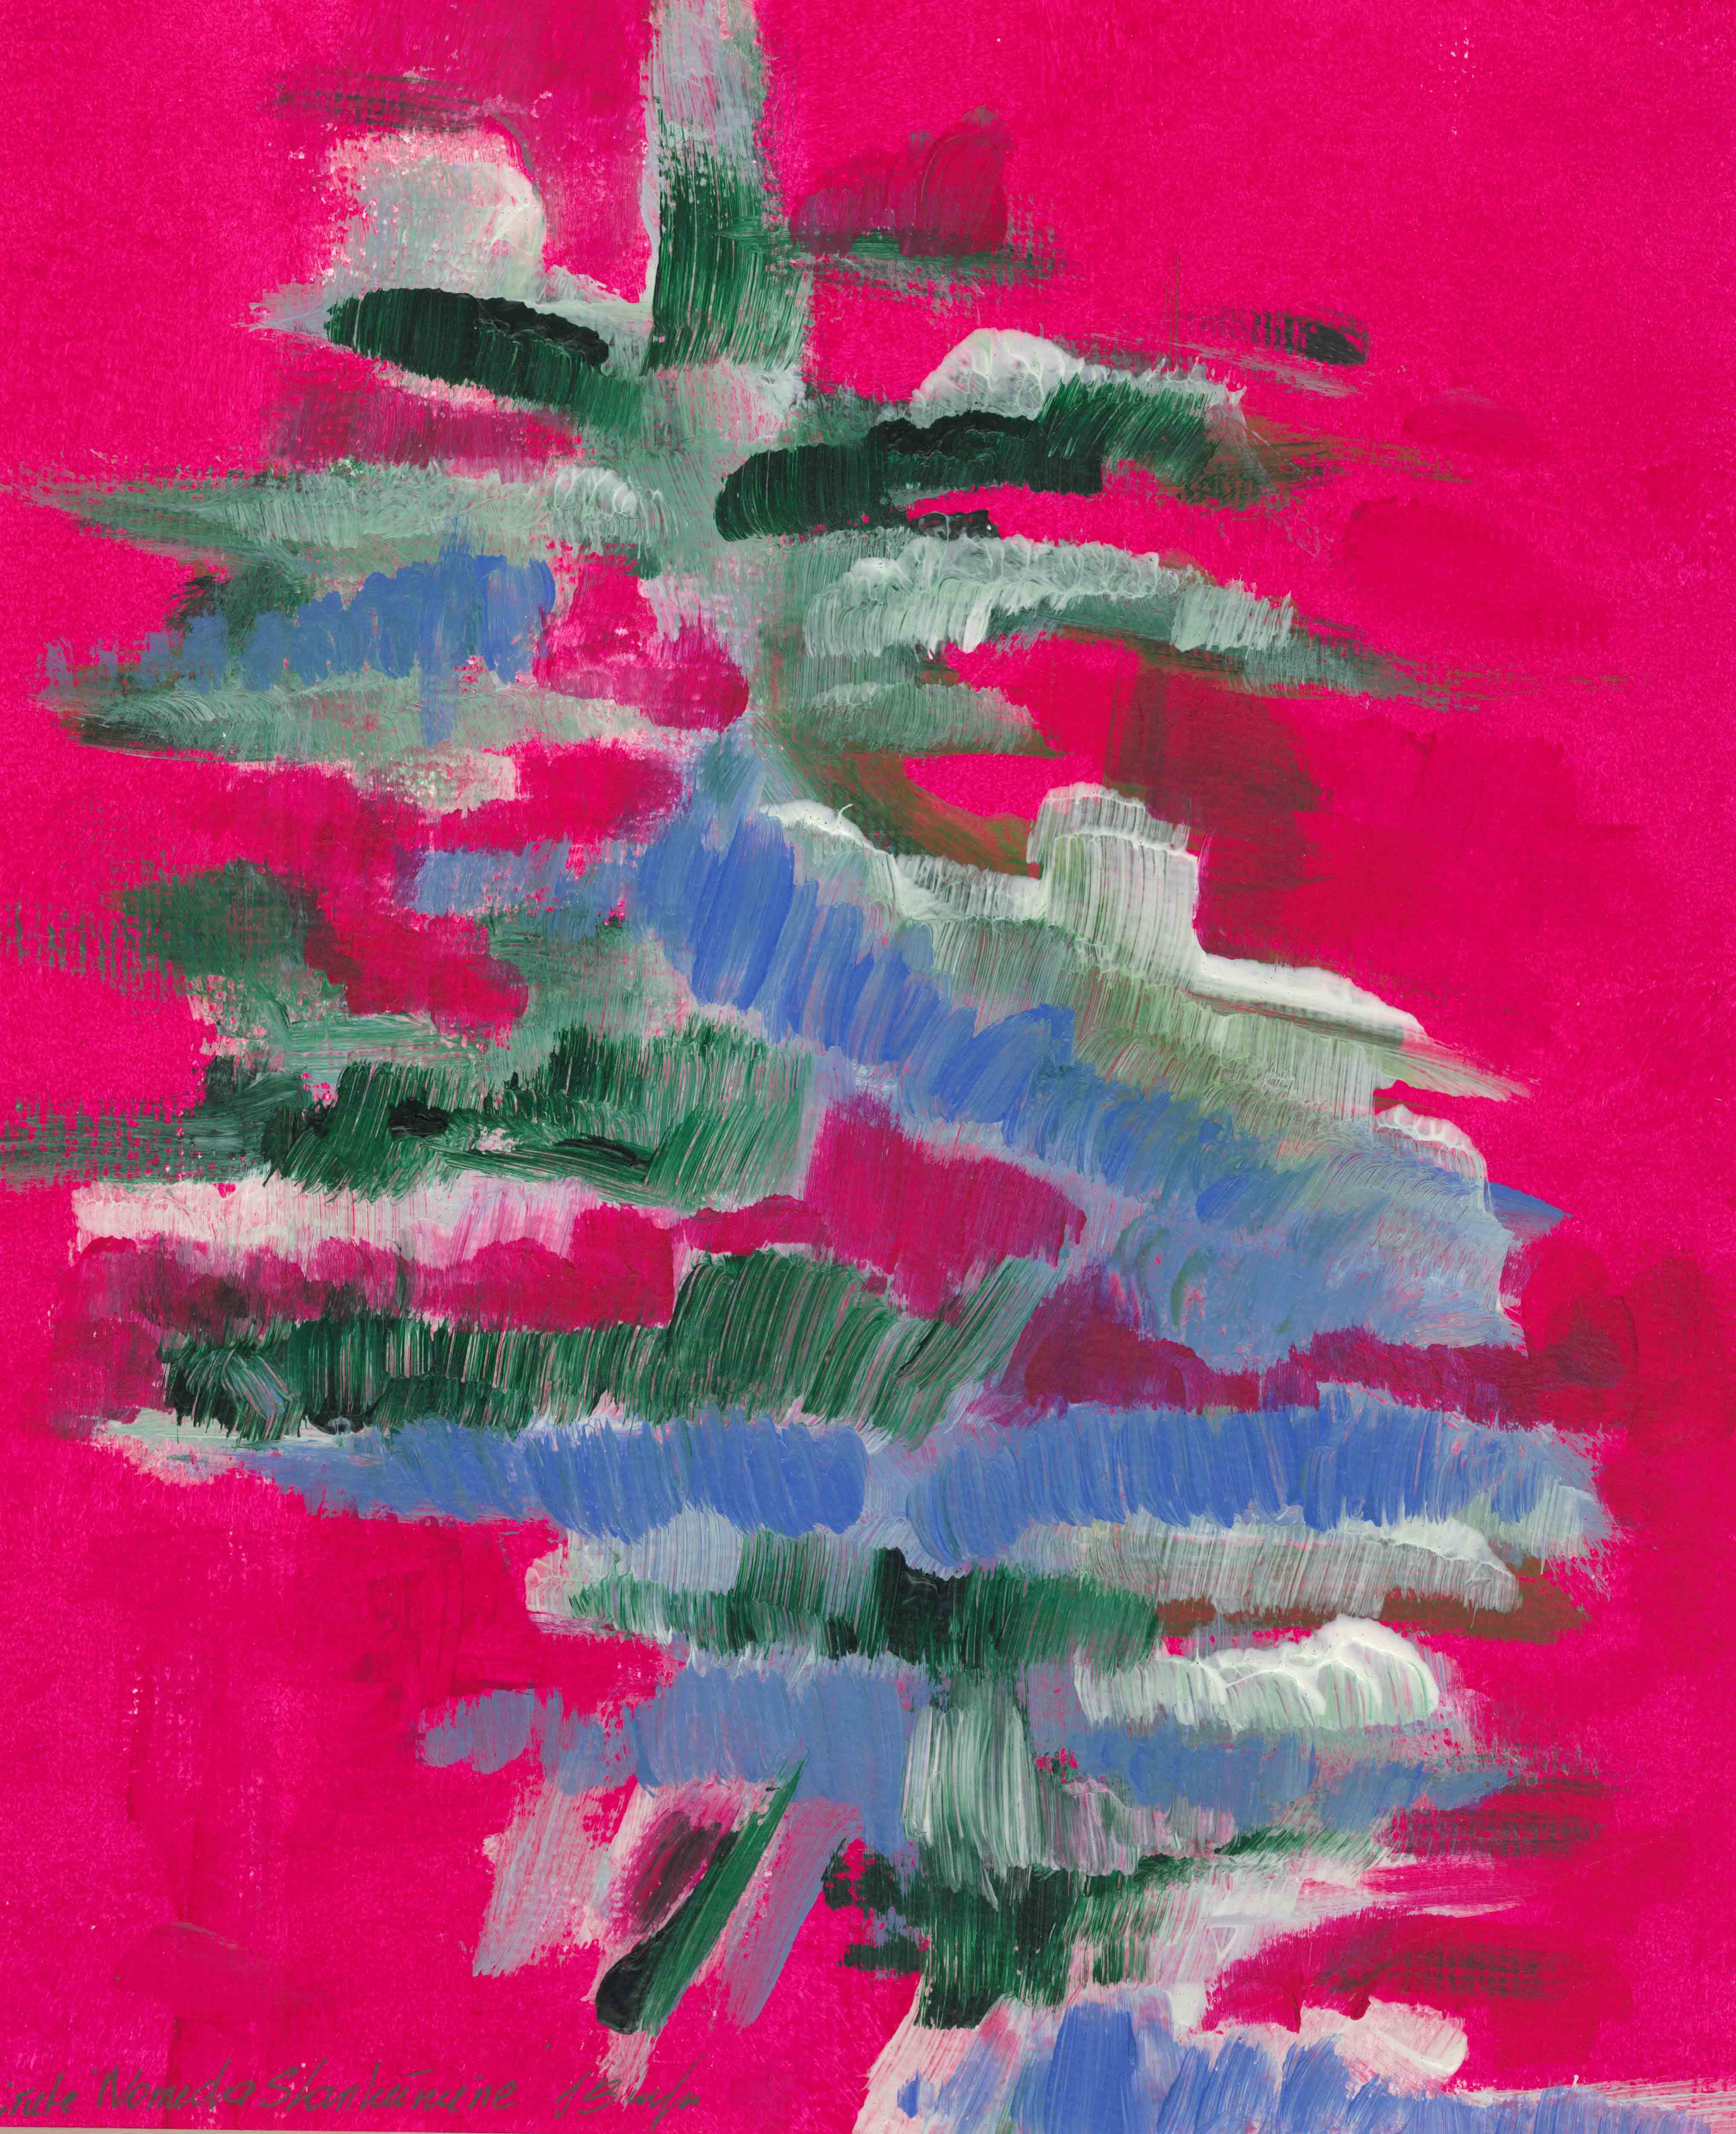 PINK CHRISTMAS-2 | BIRUTE NOMEDA STANKUNIENE